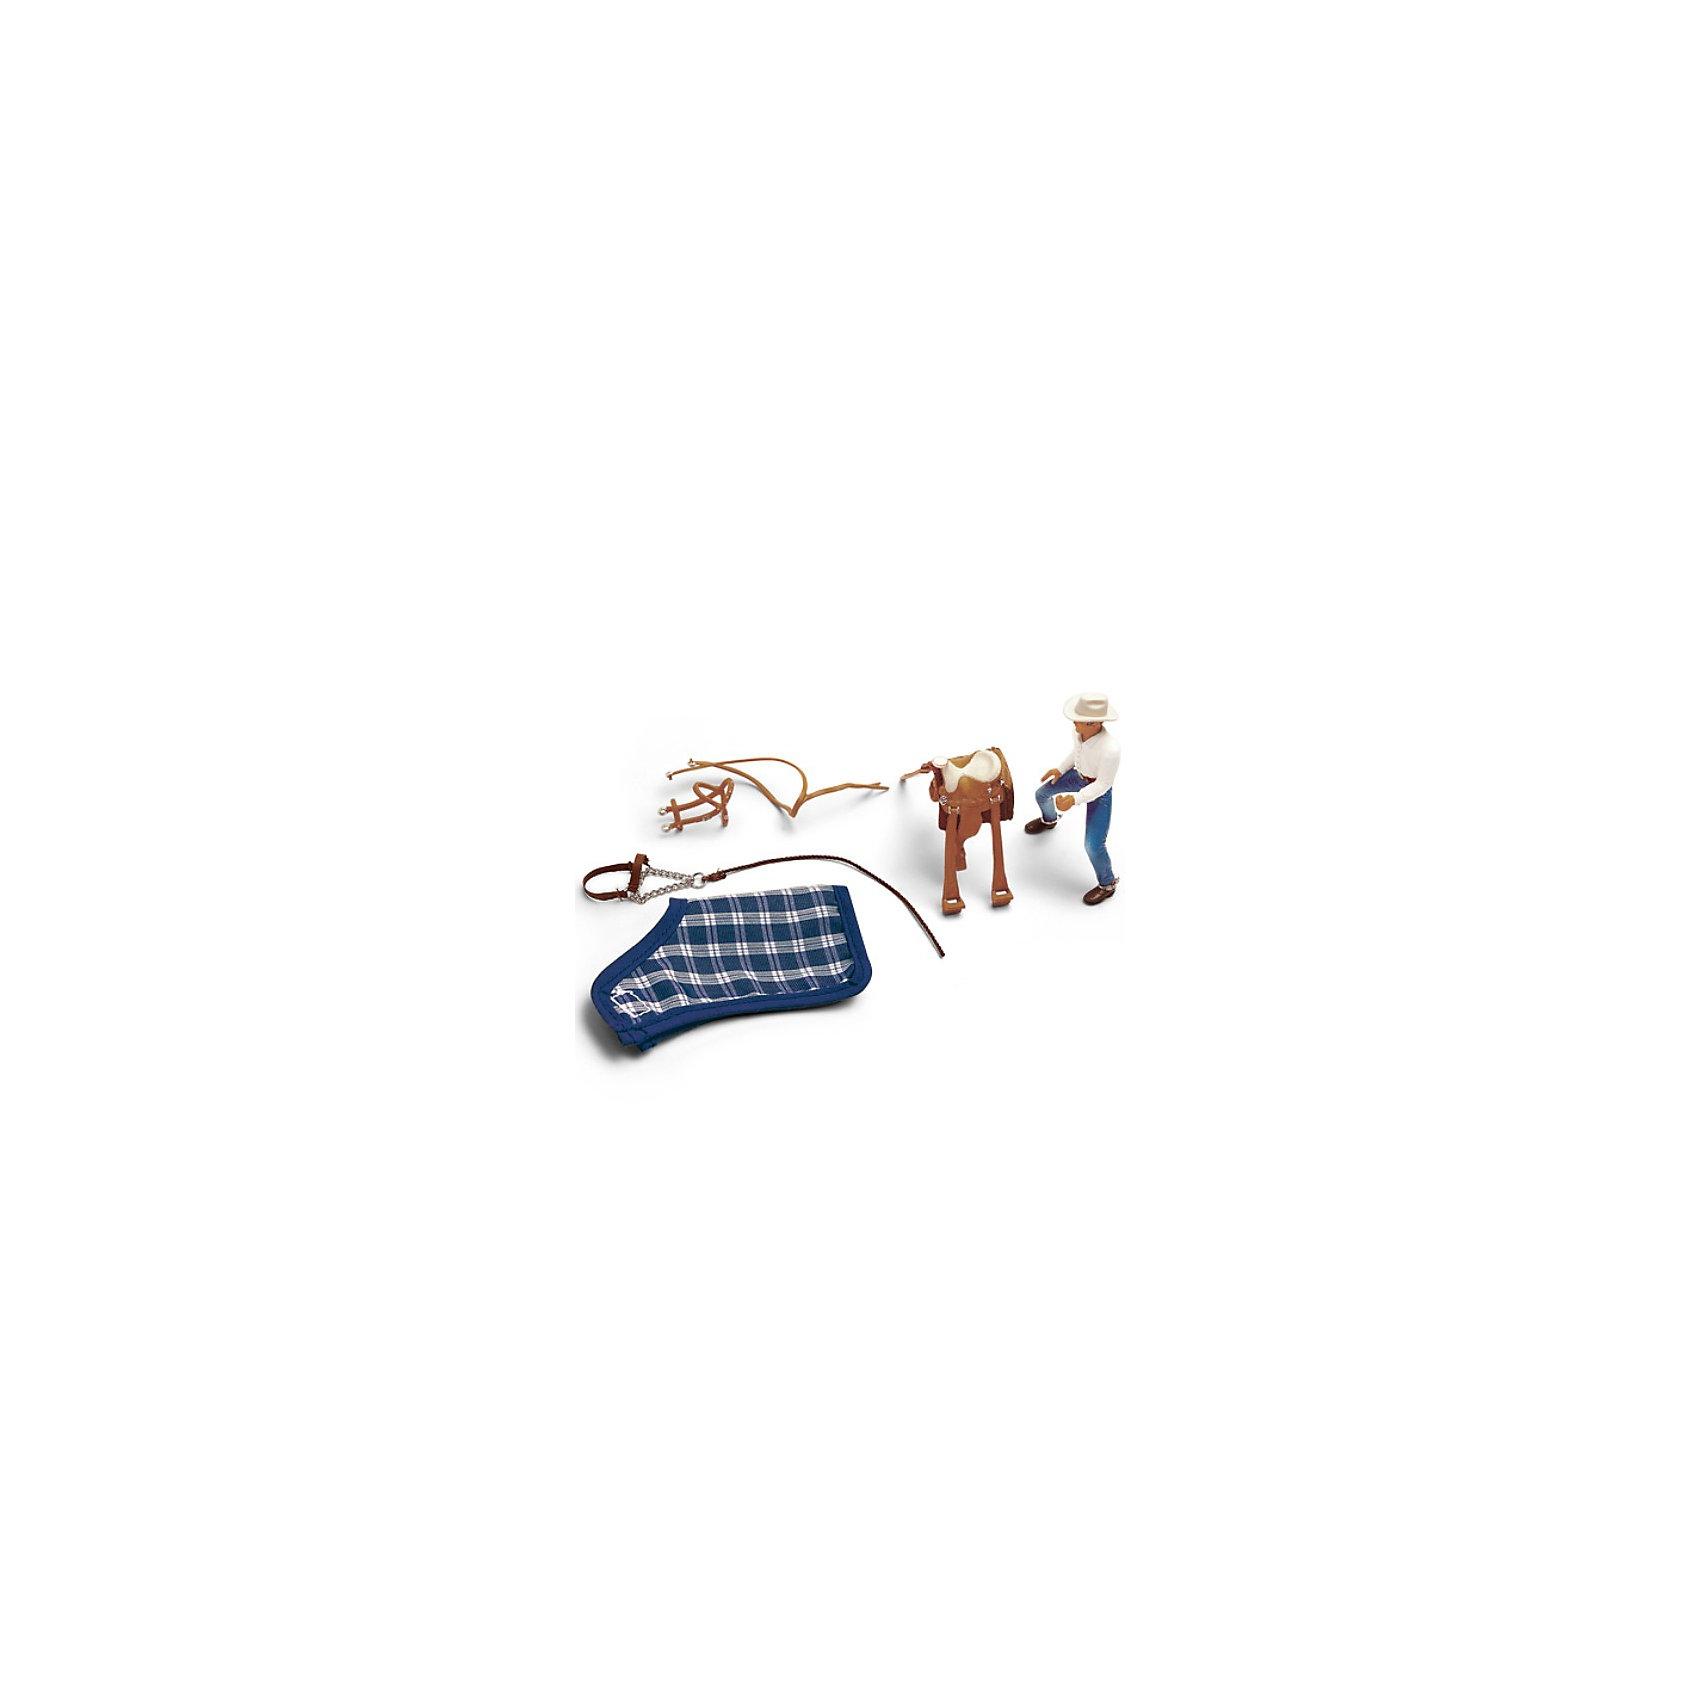 Schleich Ковбойский набор для верховой езды. Серия Ферма